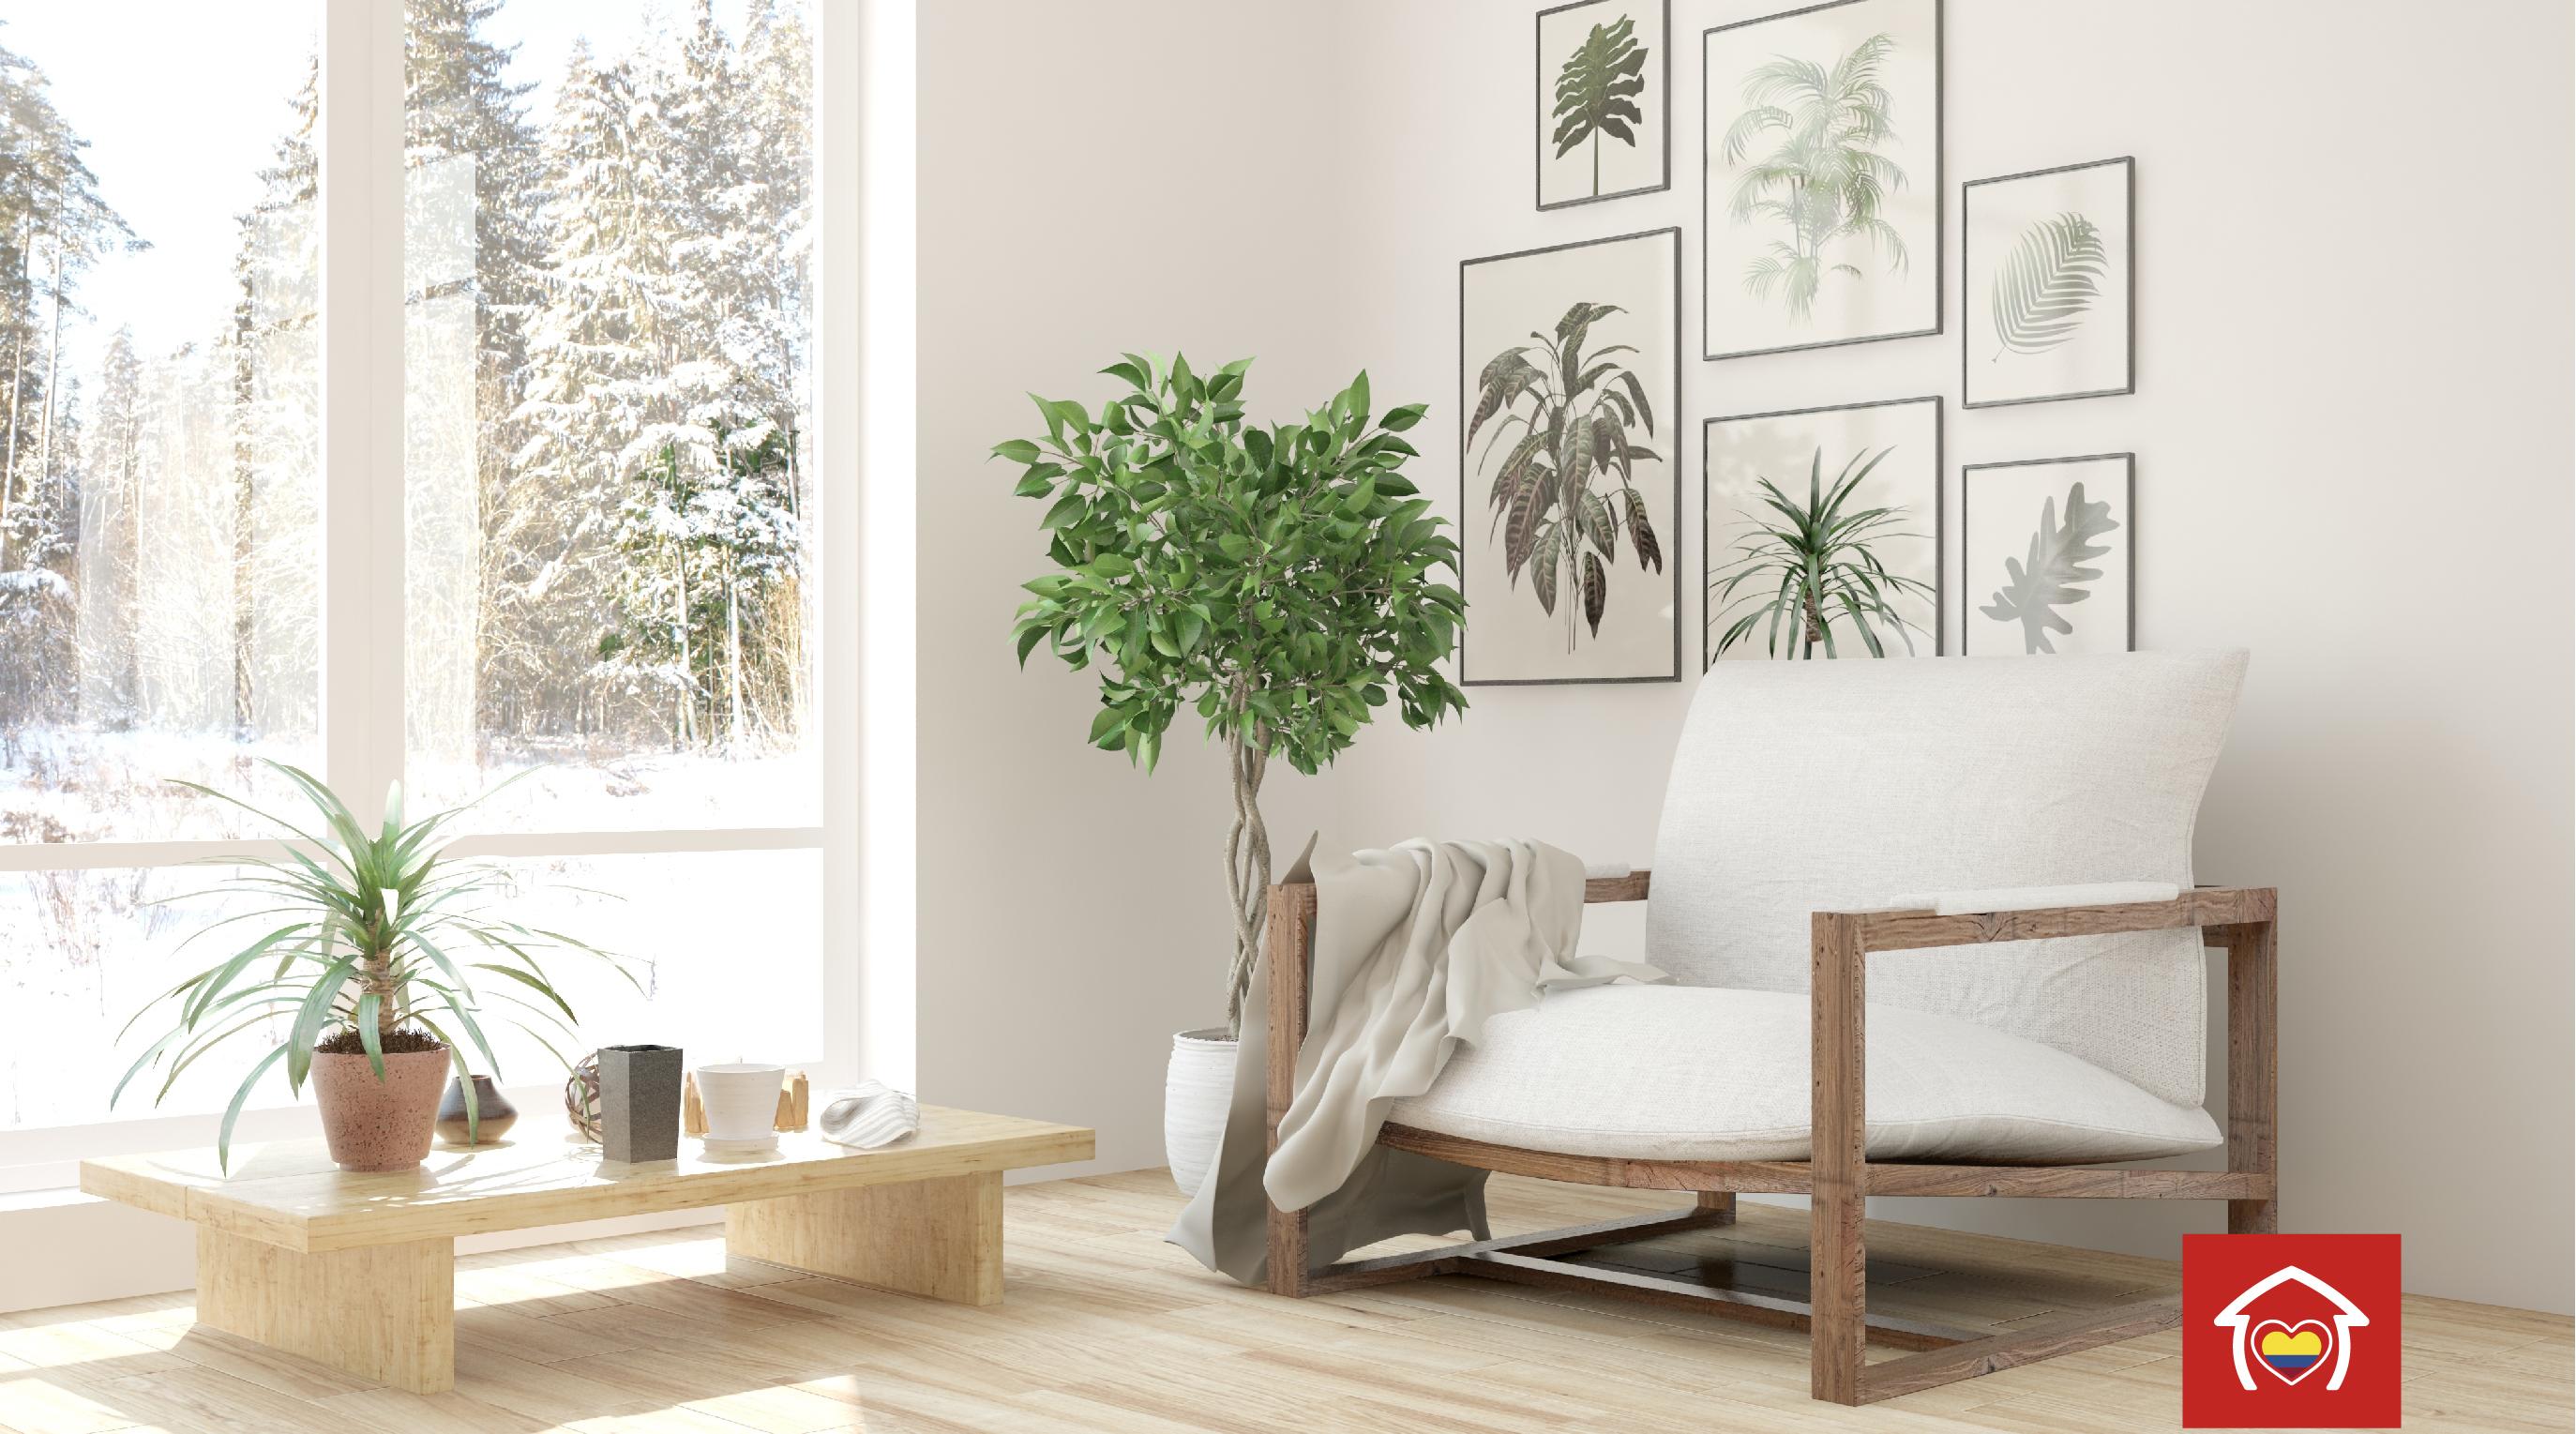 interna guia de diseno para escoger los mejores muebles 04